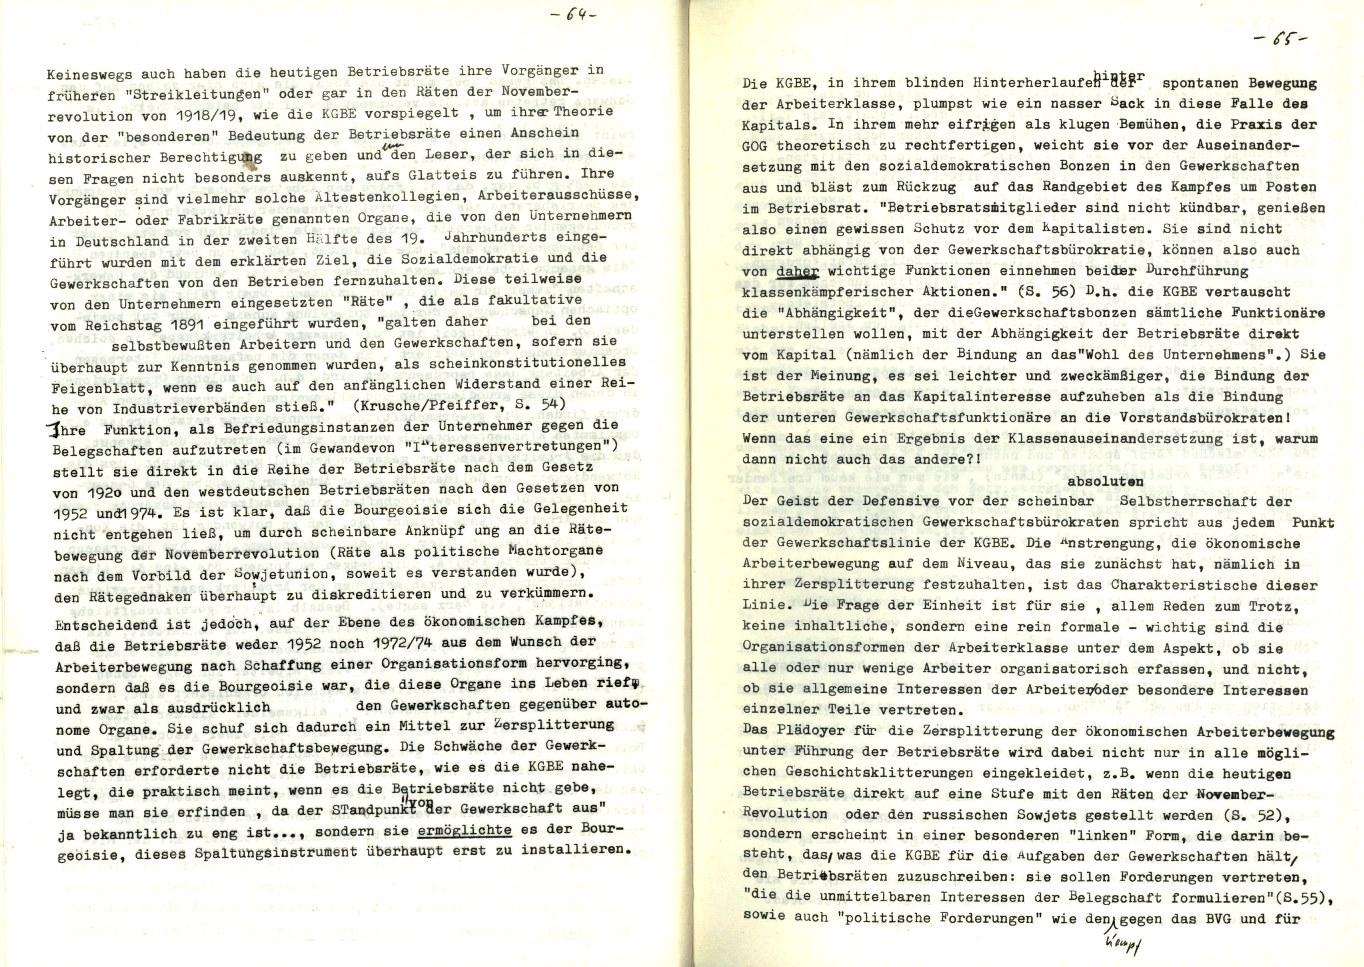 KGBE_Ehemalige_1977_Kritik_an_der_KGBE_36